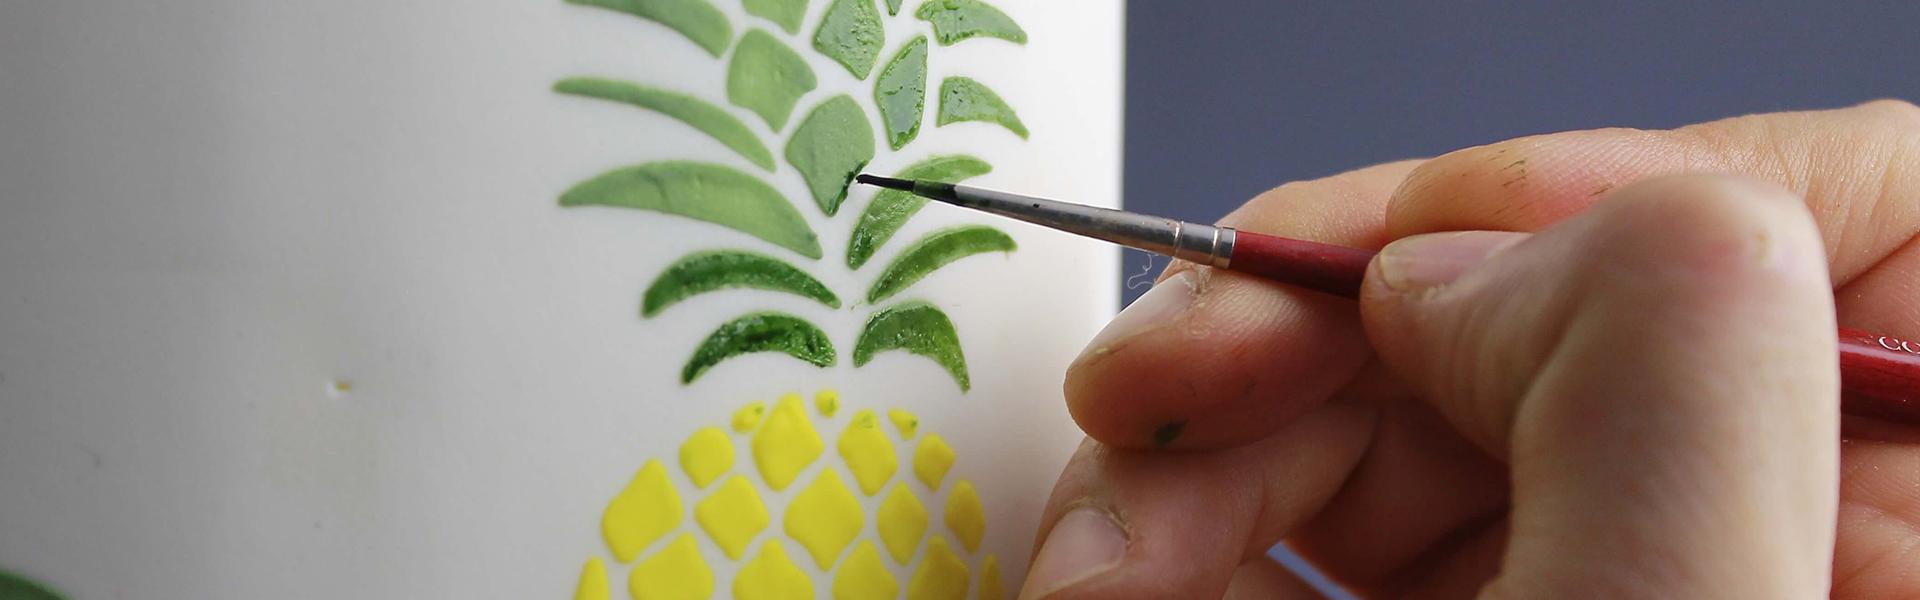 Plantillas Para Glasa Real Aprende A Utilizar Stencils En